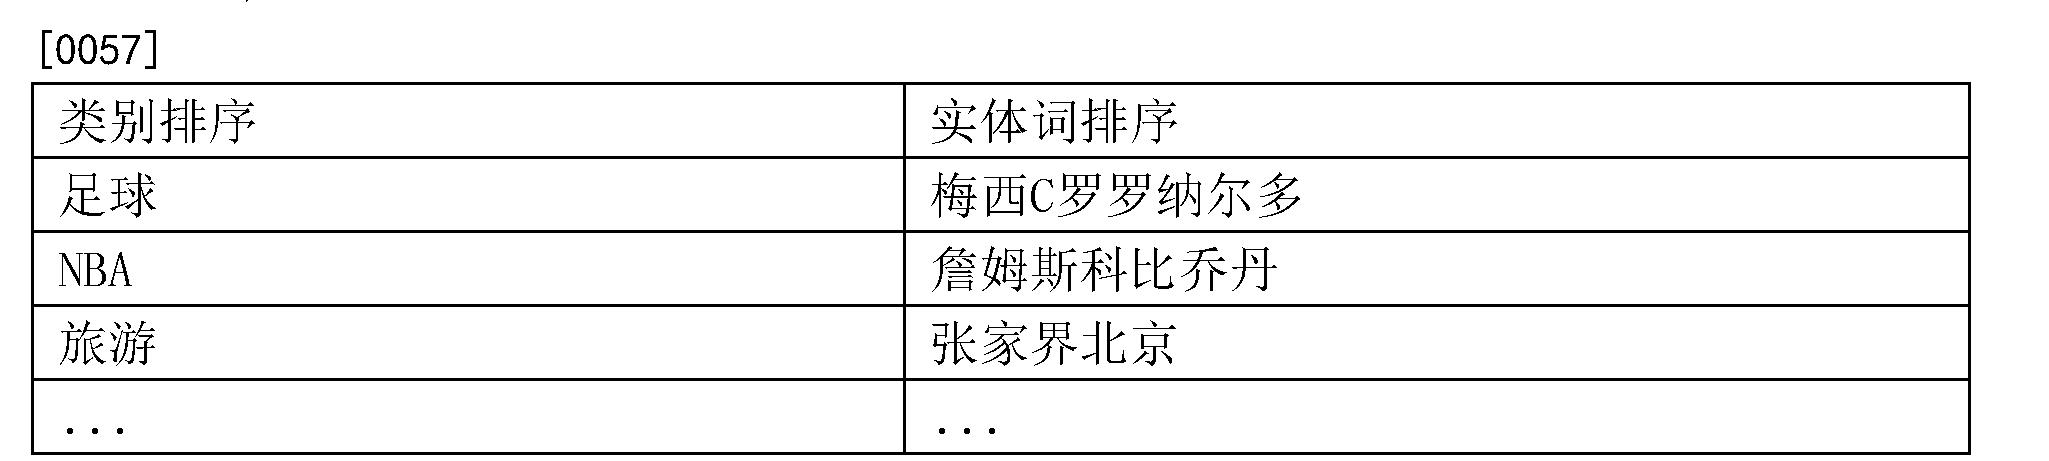 Figure CN103886090BD00131